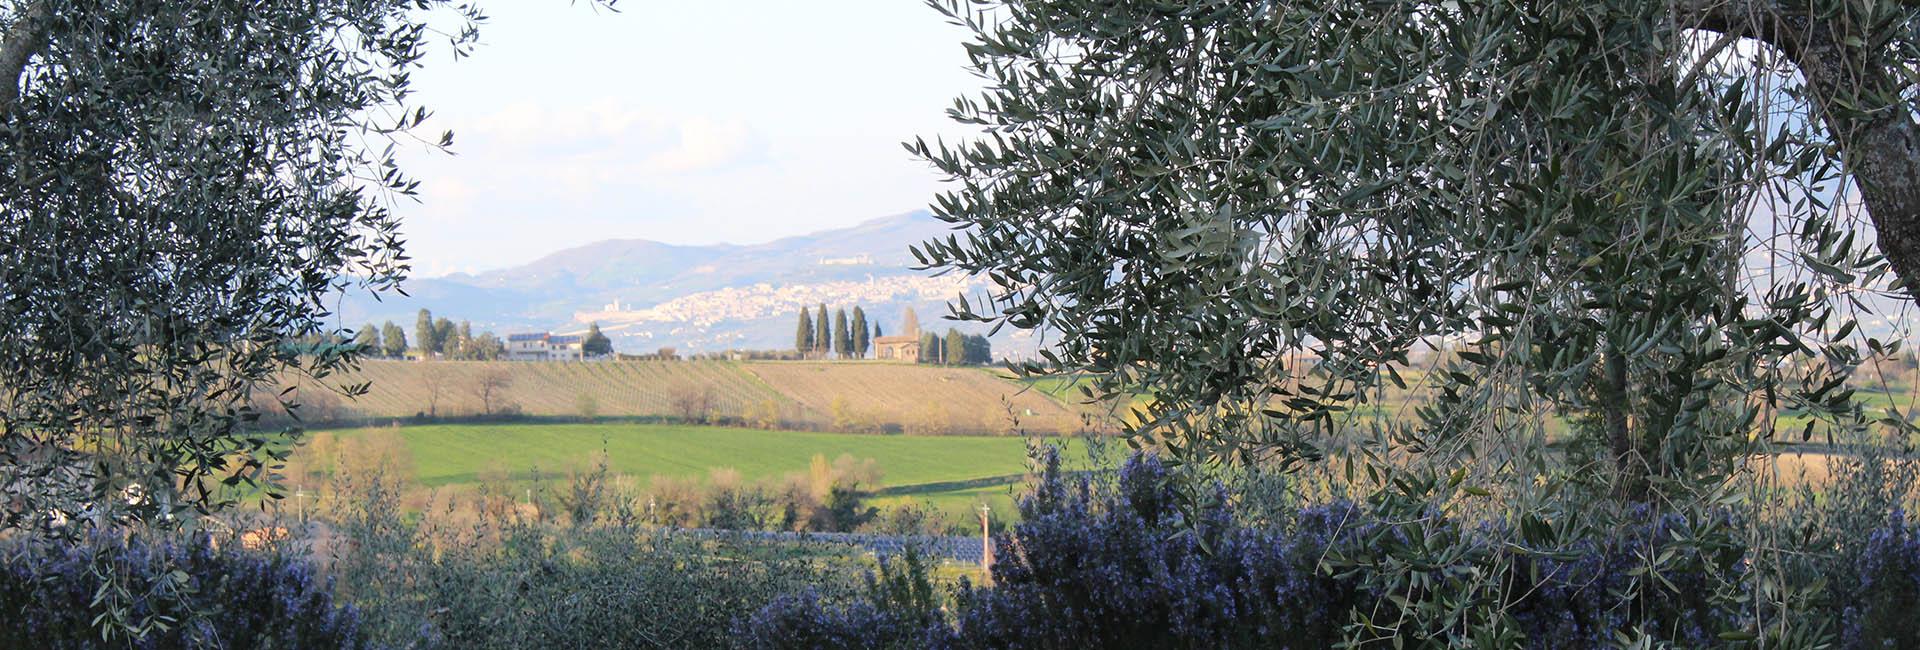 Agriturismo in Umbria - questi sono i panorami che si vedono